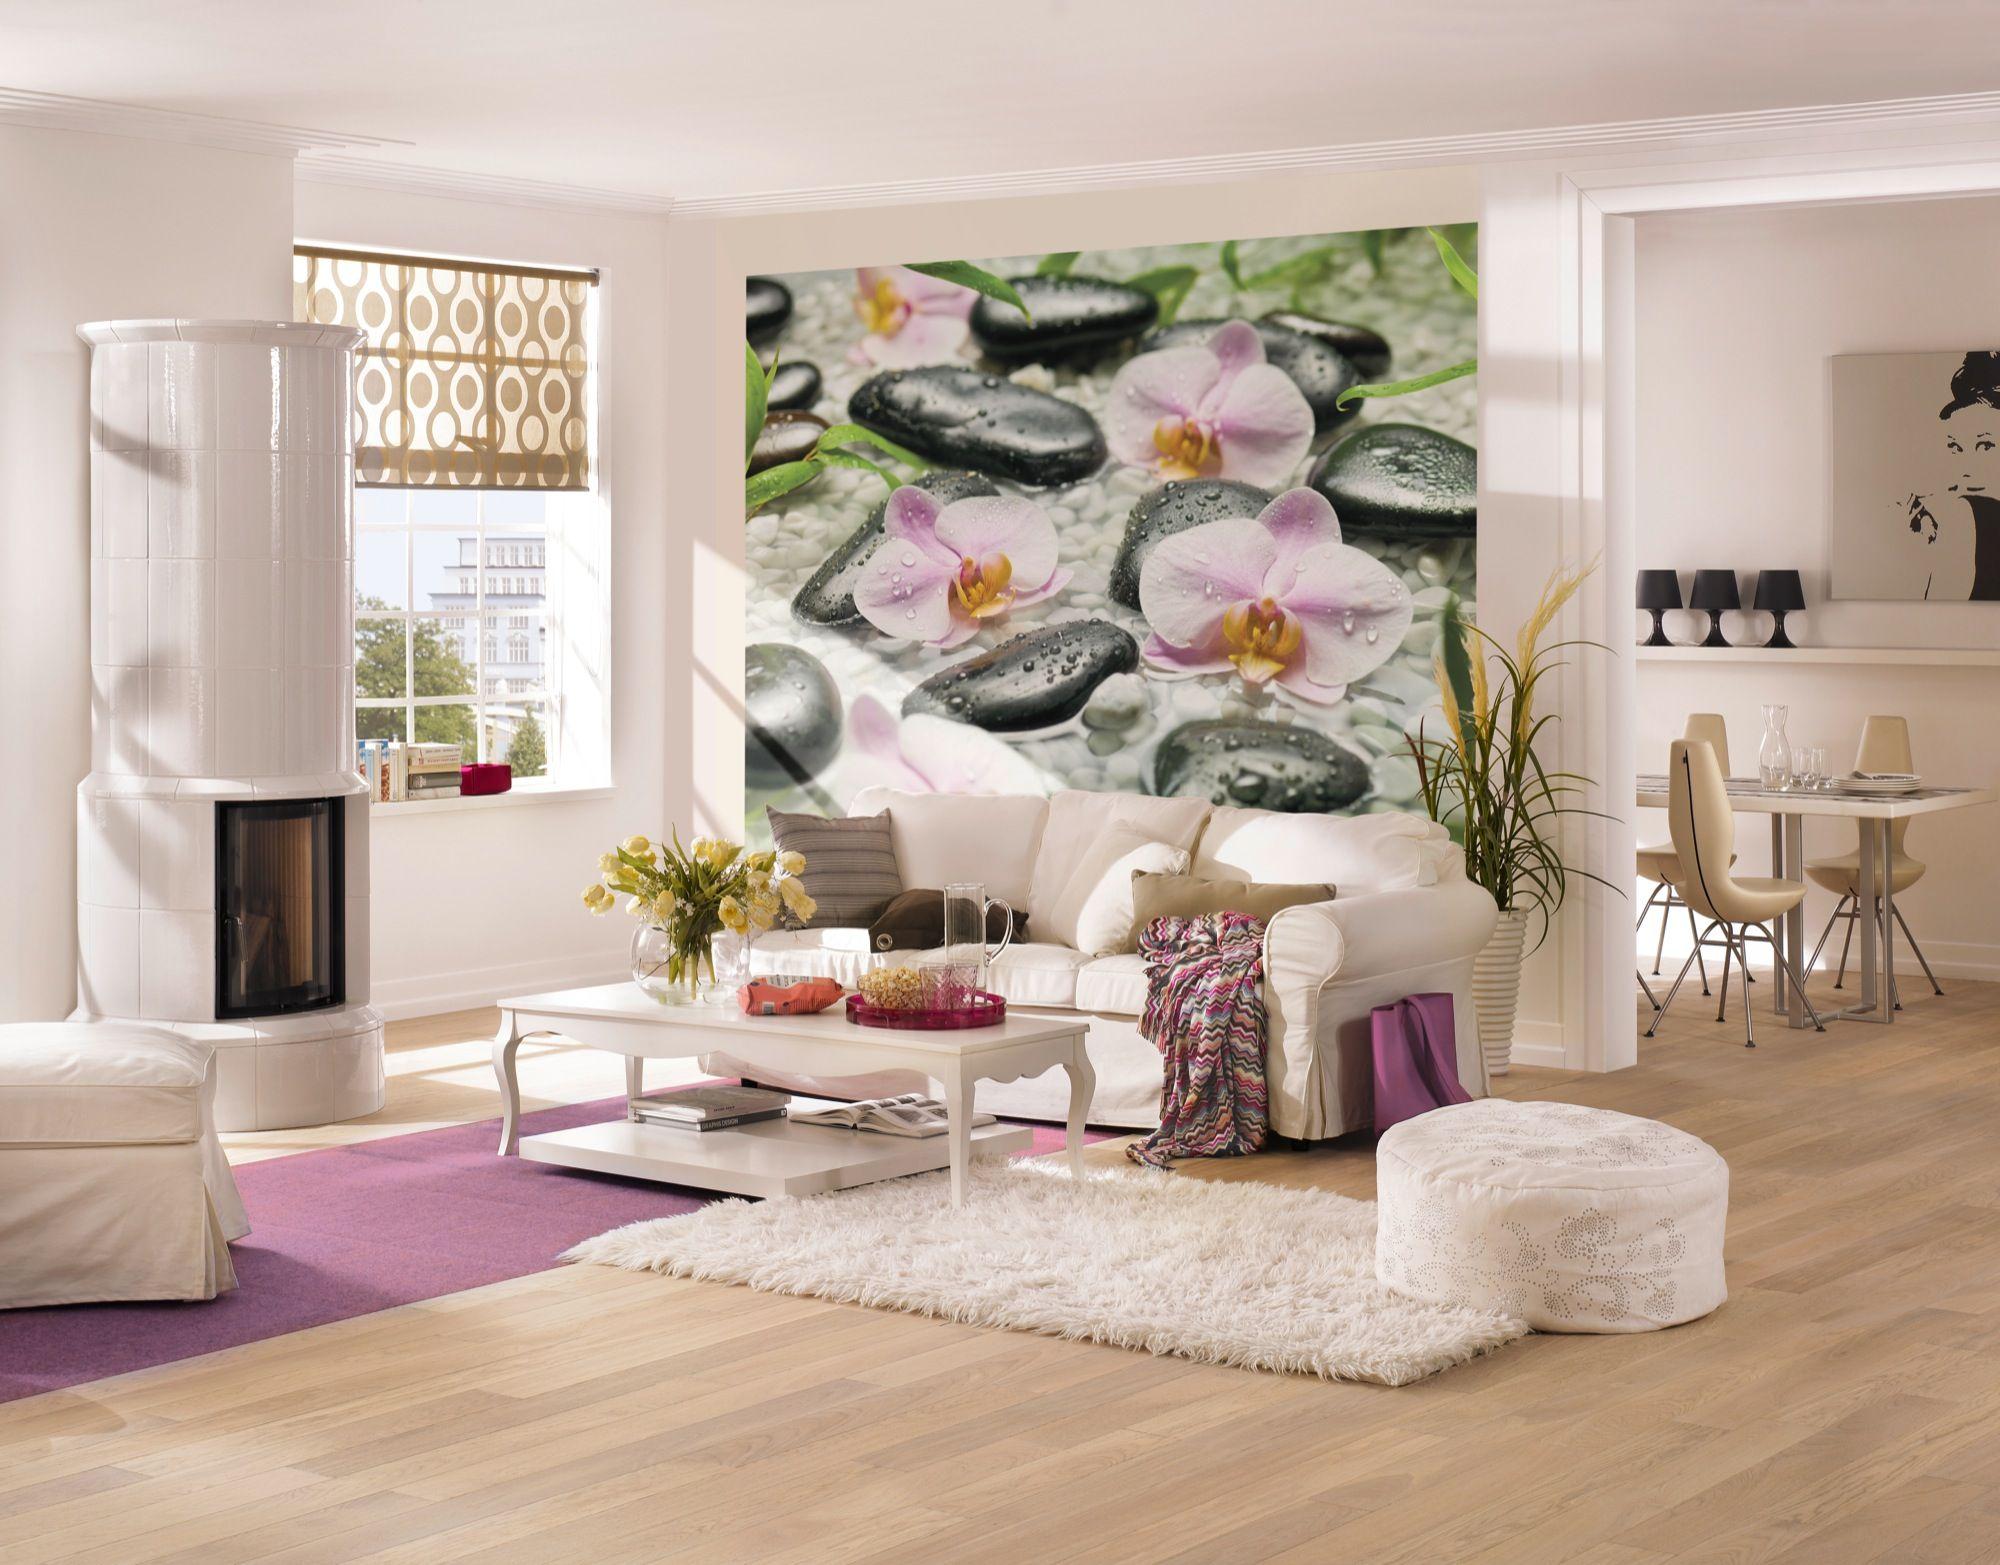 Wellness steine wallpaper  Ein Ort der Ruhe - Blühende Orchideen und weiße Steine sorgen für ...